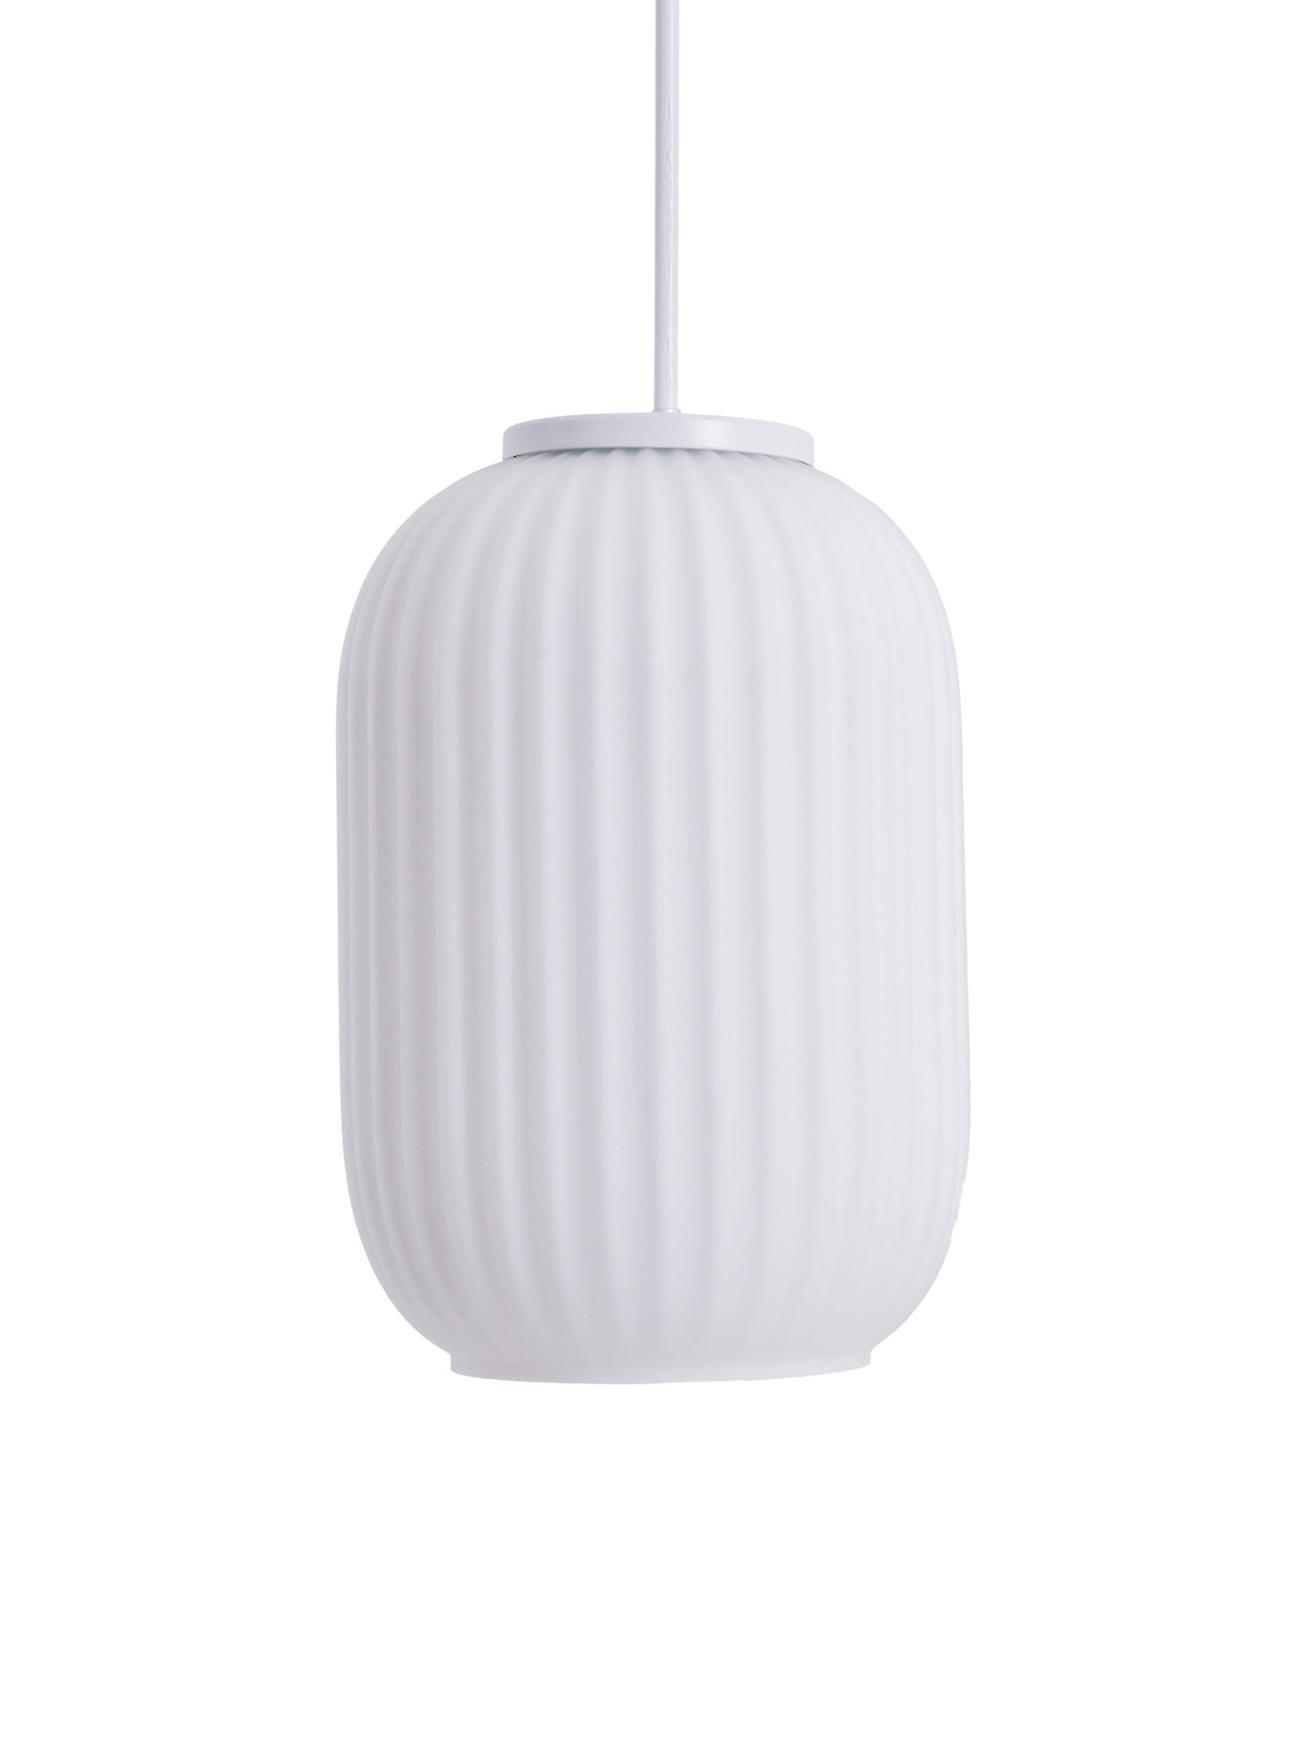 Kleine Pendelleuchte Geneva, Lampenschirm: Glas, Weiss, Ø 14 cm x H 120 cm